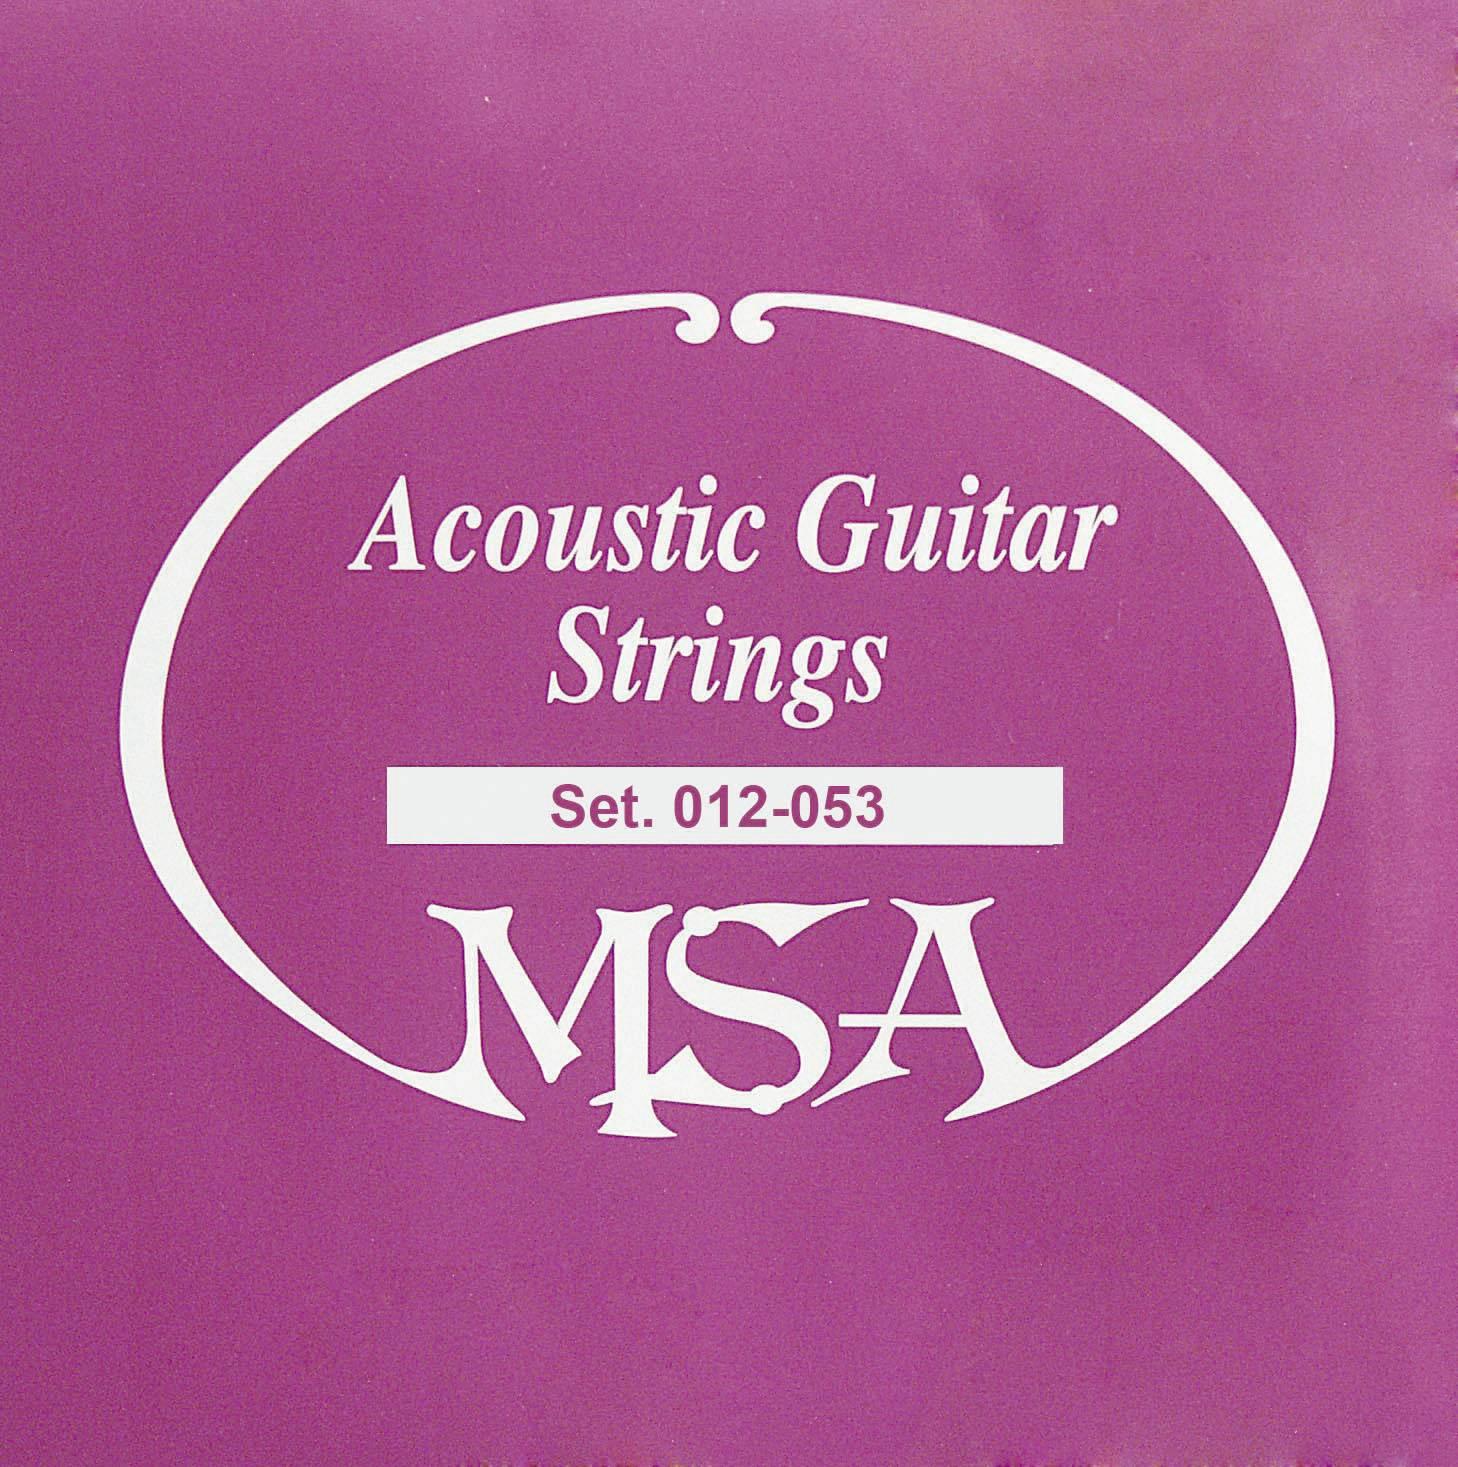 Struny na akustickou kytaru MSA, 012 - 053